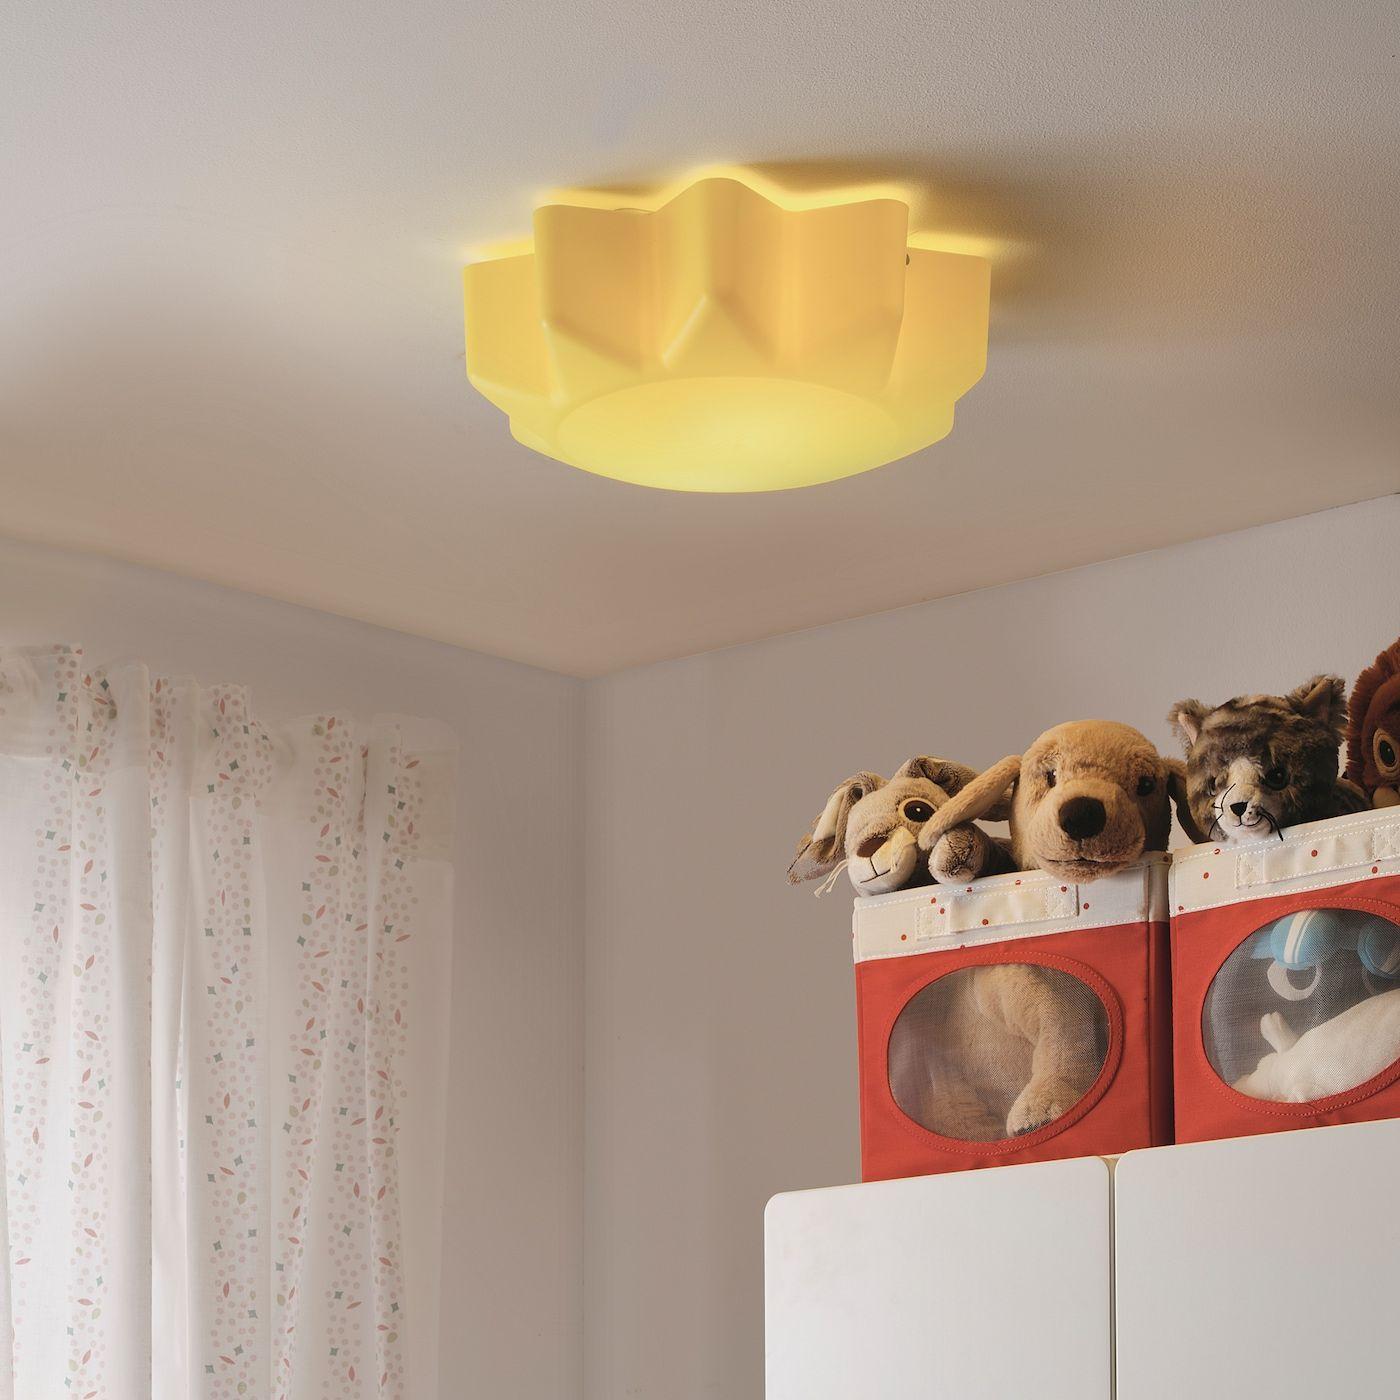 Solhem Deckenleuchte Gelb Sonne Ikea Osterreich In 2020 Ceiling Lamp Kids Furniture Stores Lamp